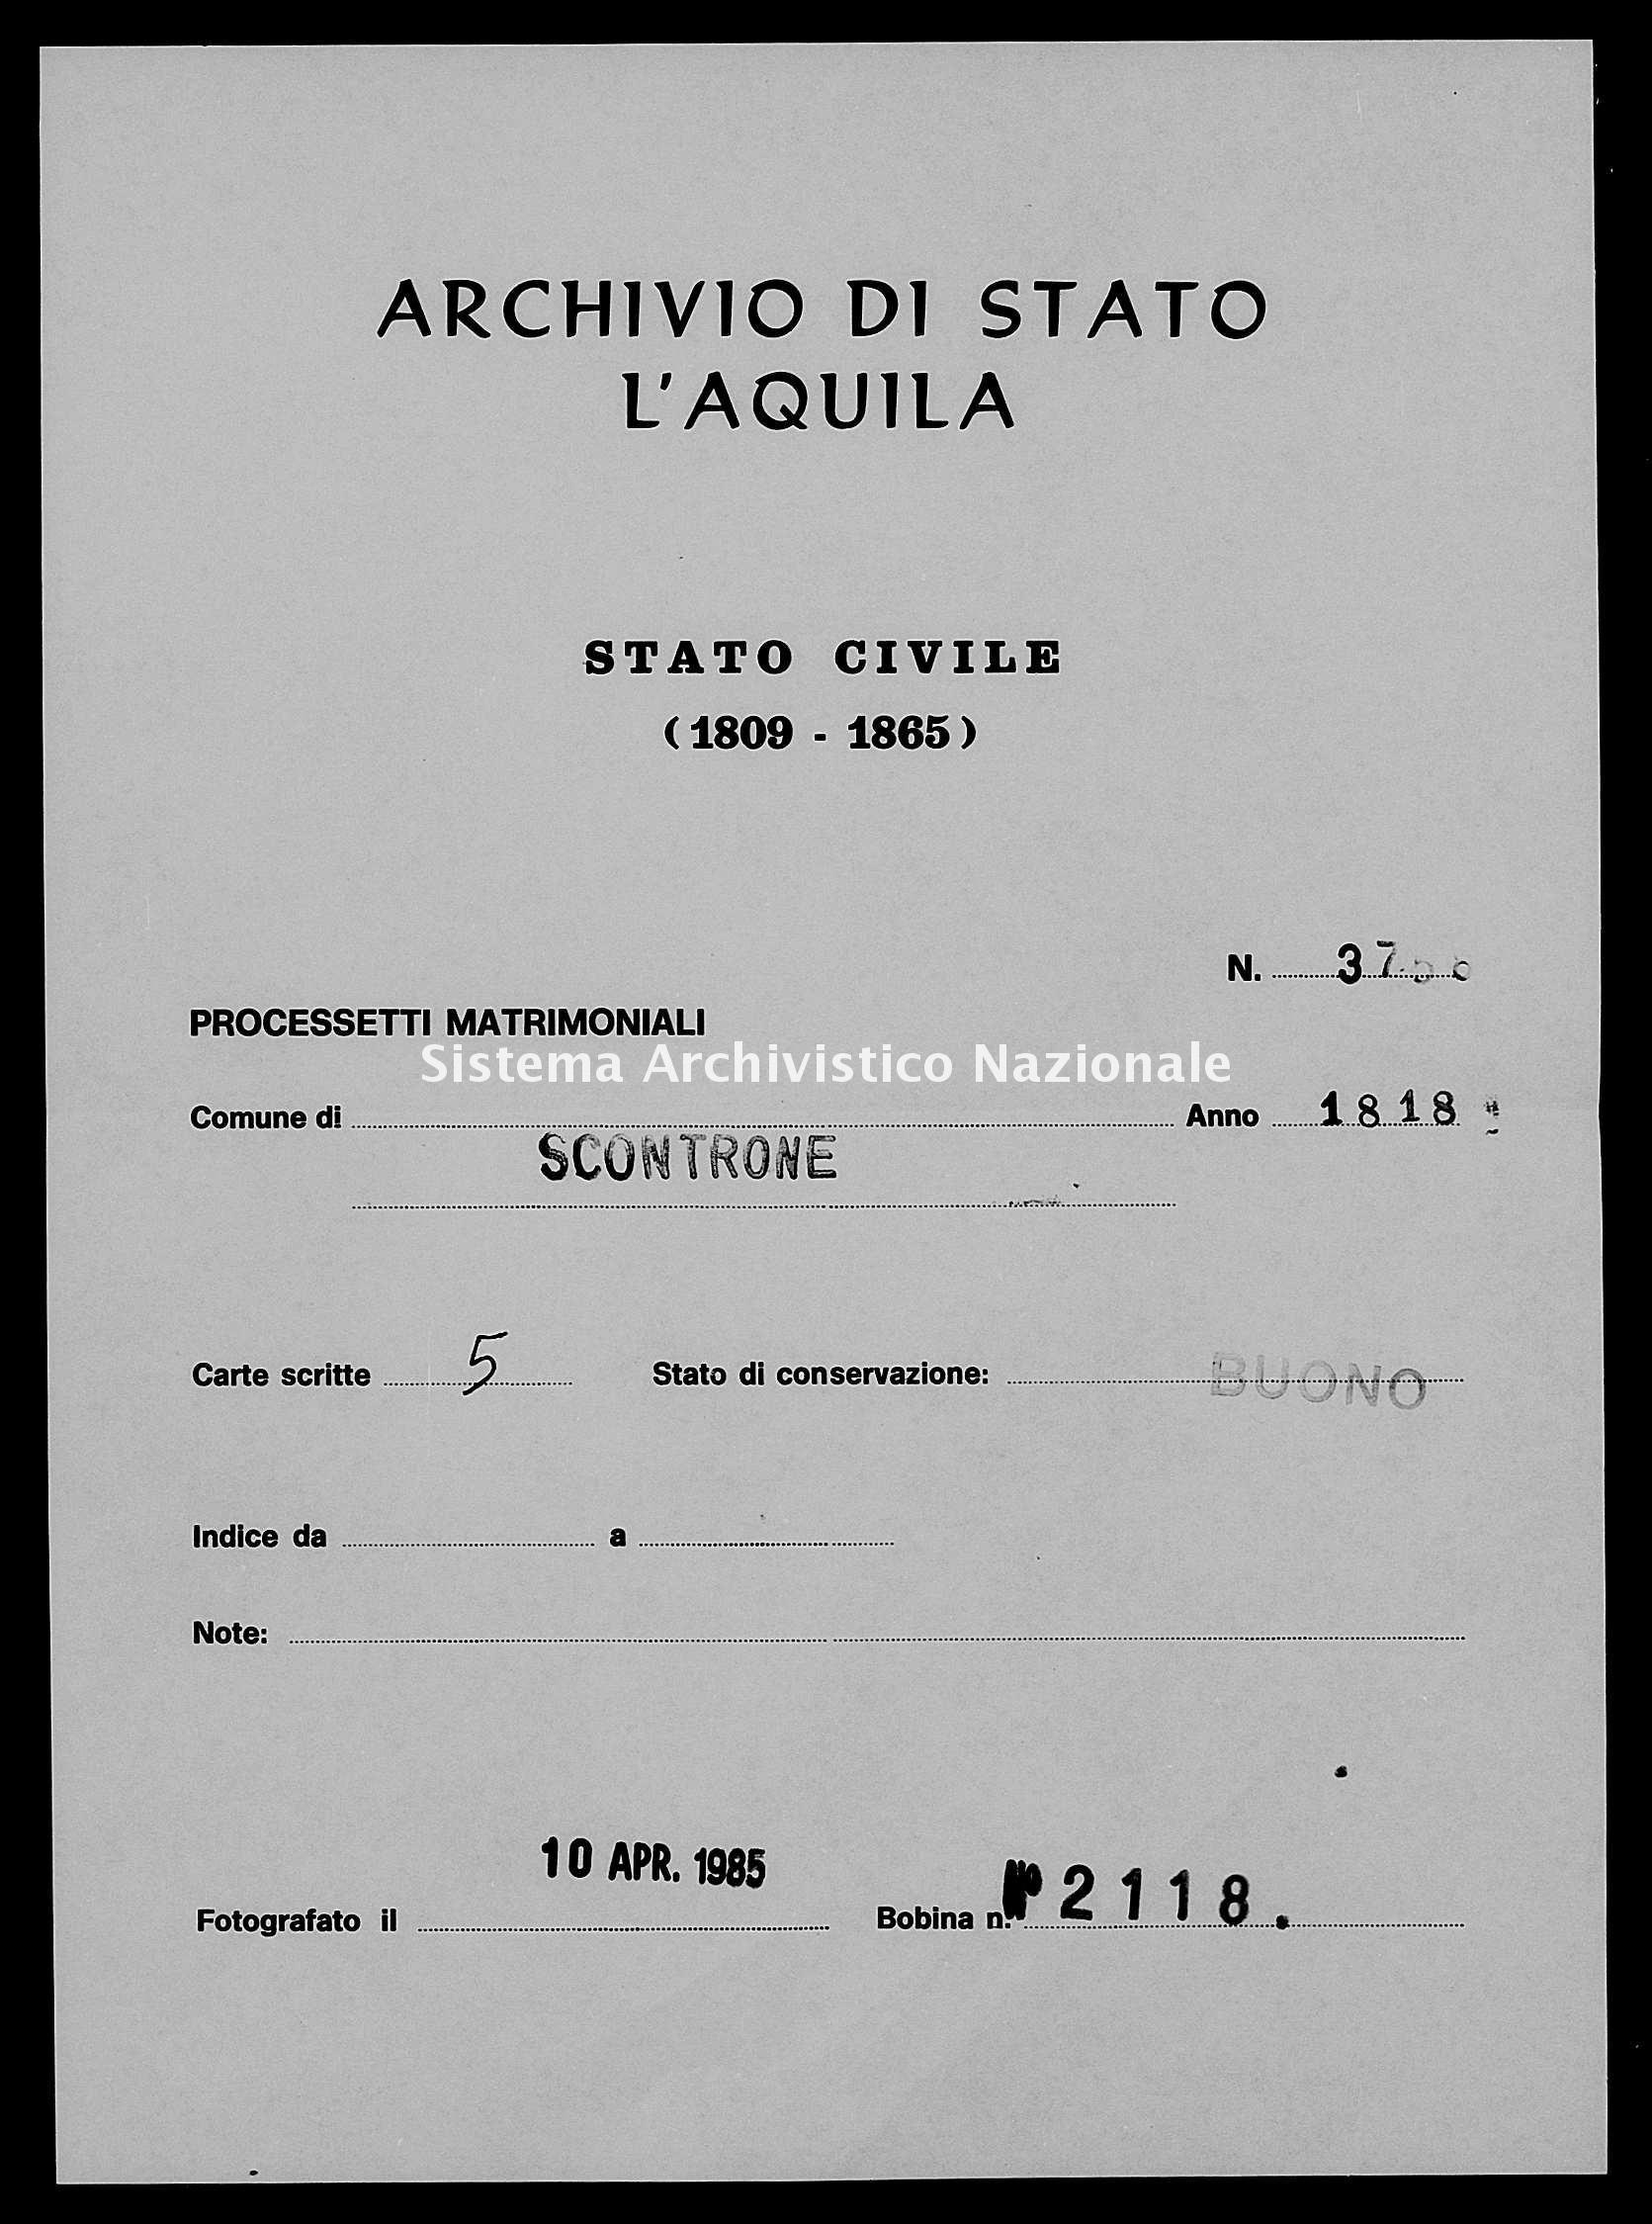 Archivio di stato di L'aquila - Stato civile della restaurazione - Scontrone - Matrimoni, processetti - 1818 - 3758 -